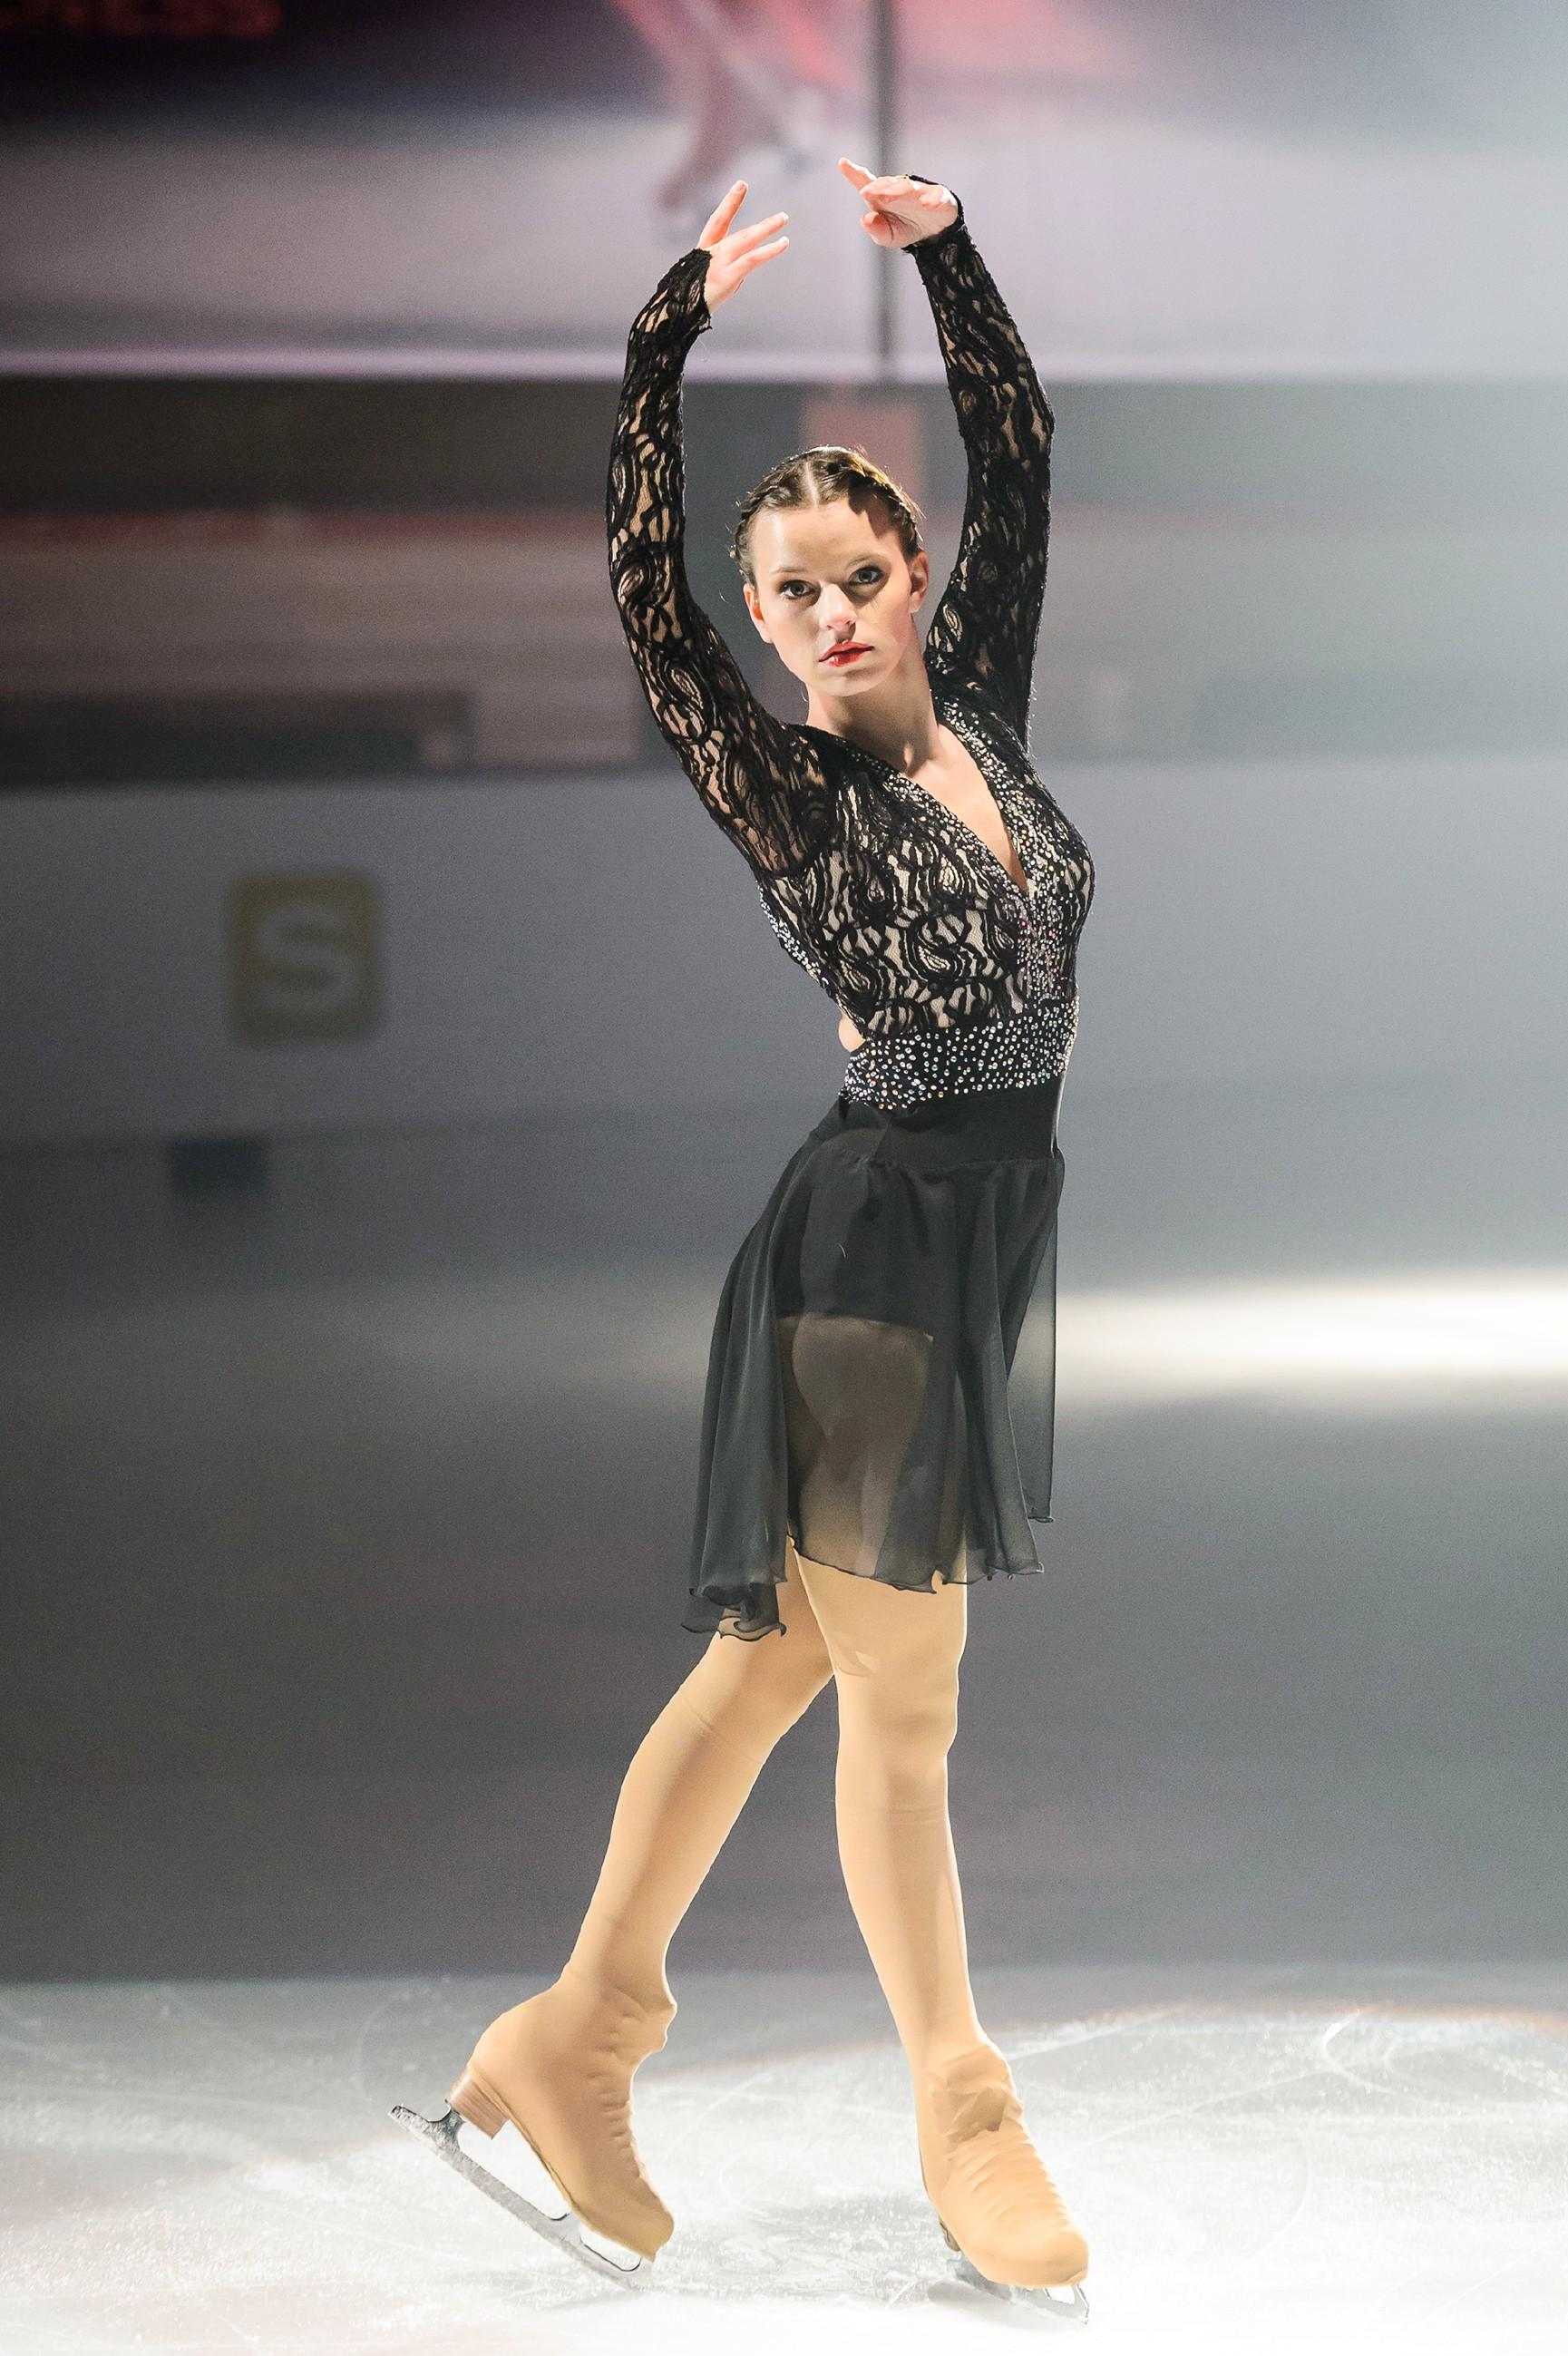 Michelle (Franziska Benz) läuft bei der Qualifikation zur Deutschen Meisterschaft eine perfekte Kür. (Quelle: RTL / Willi Weber)